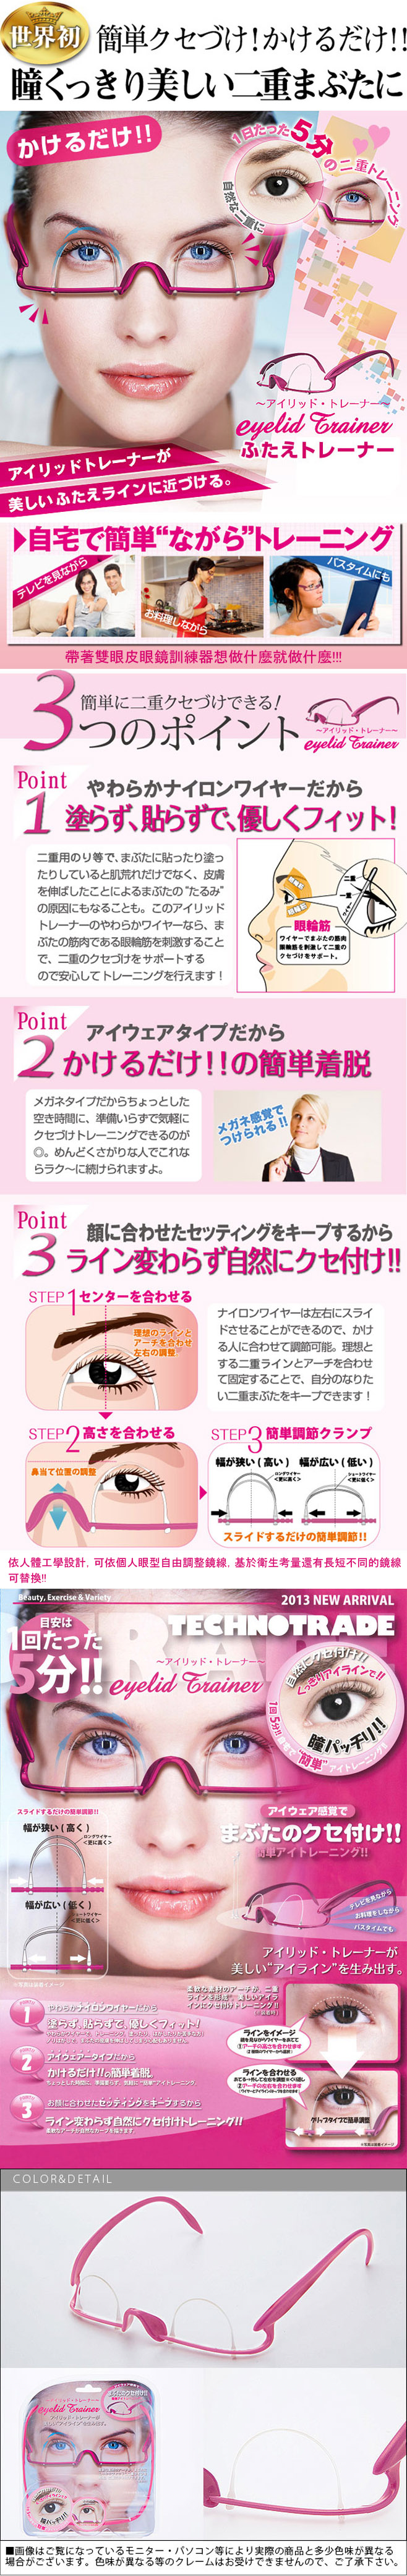 日本雙眼皮眼鏡訓練器